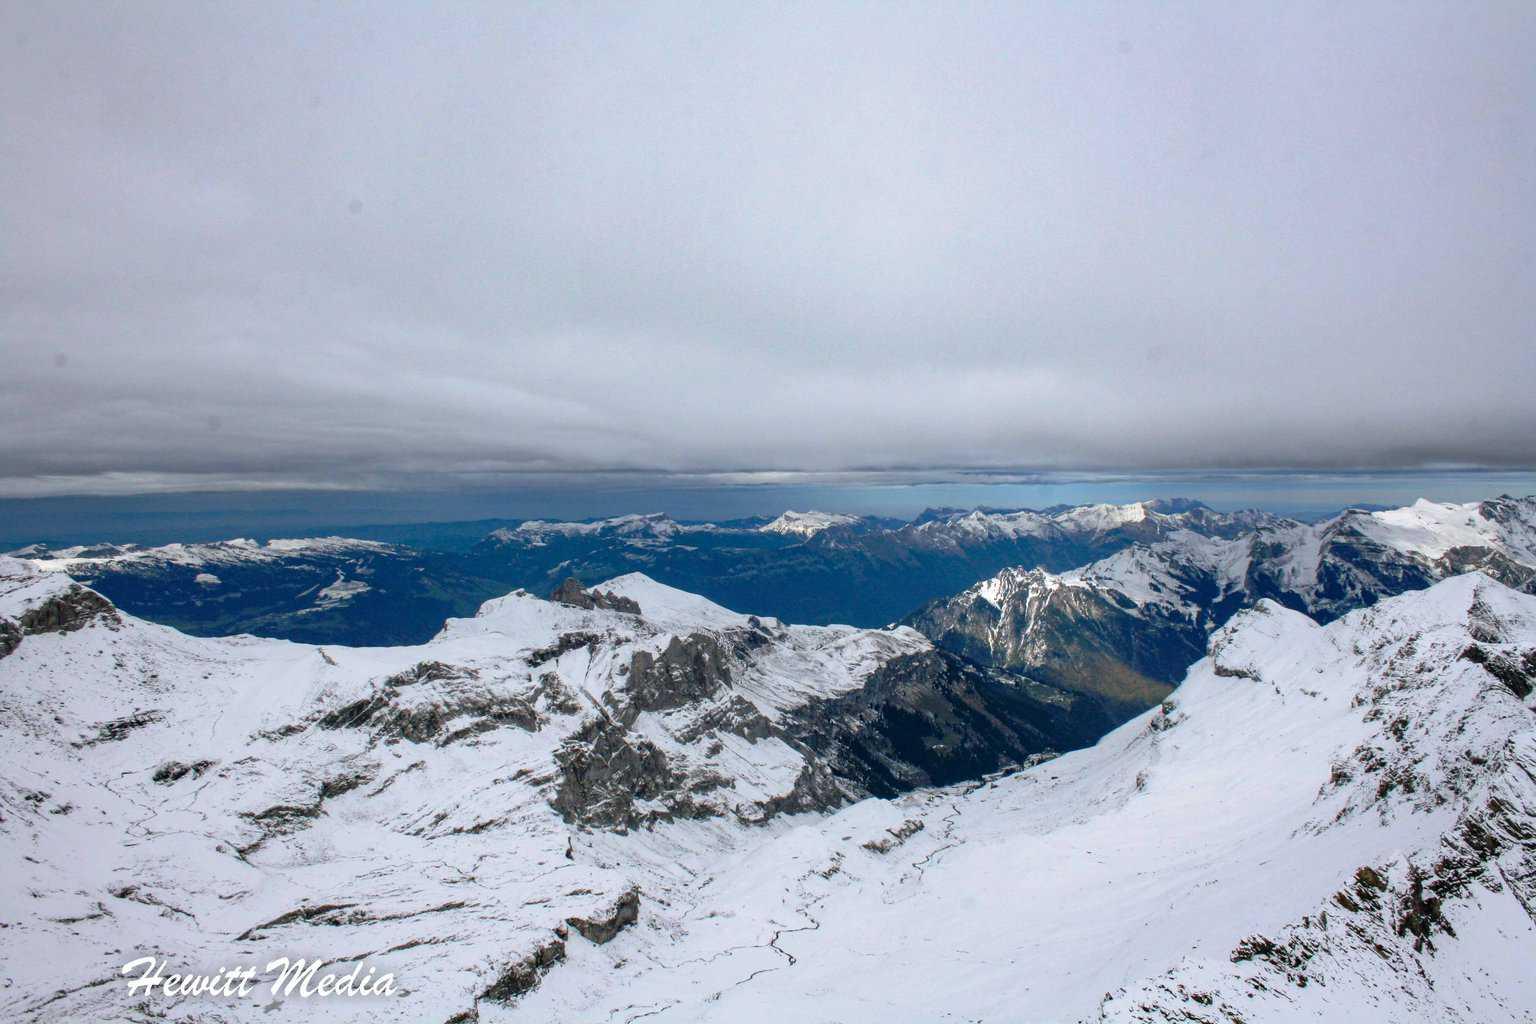 View from schilthornbahn